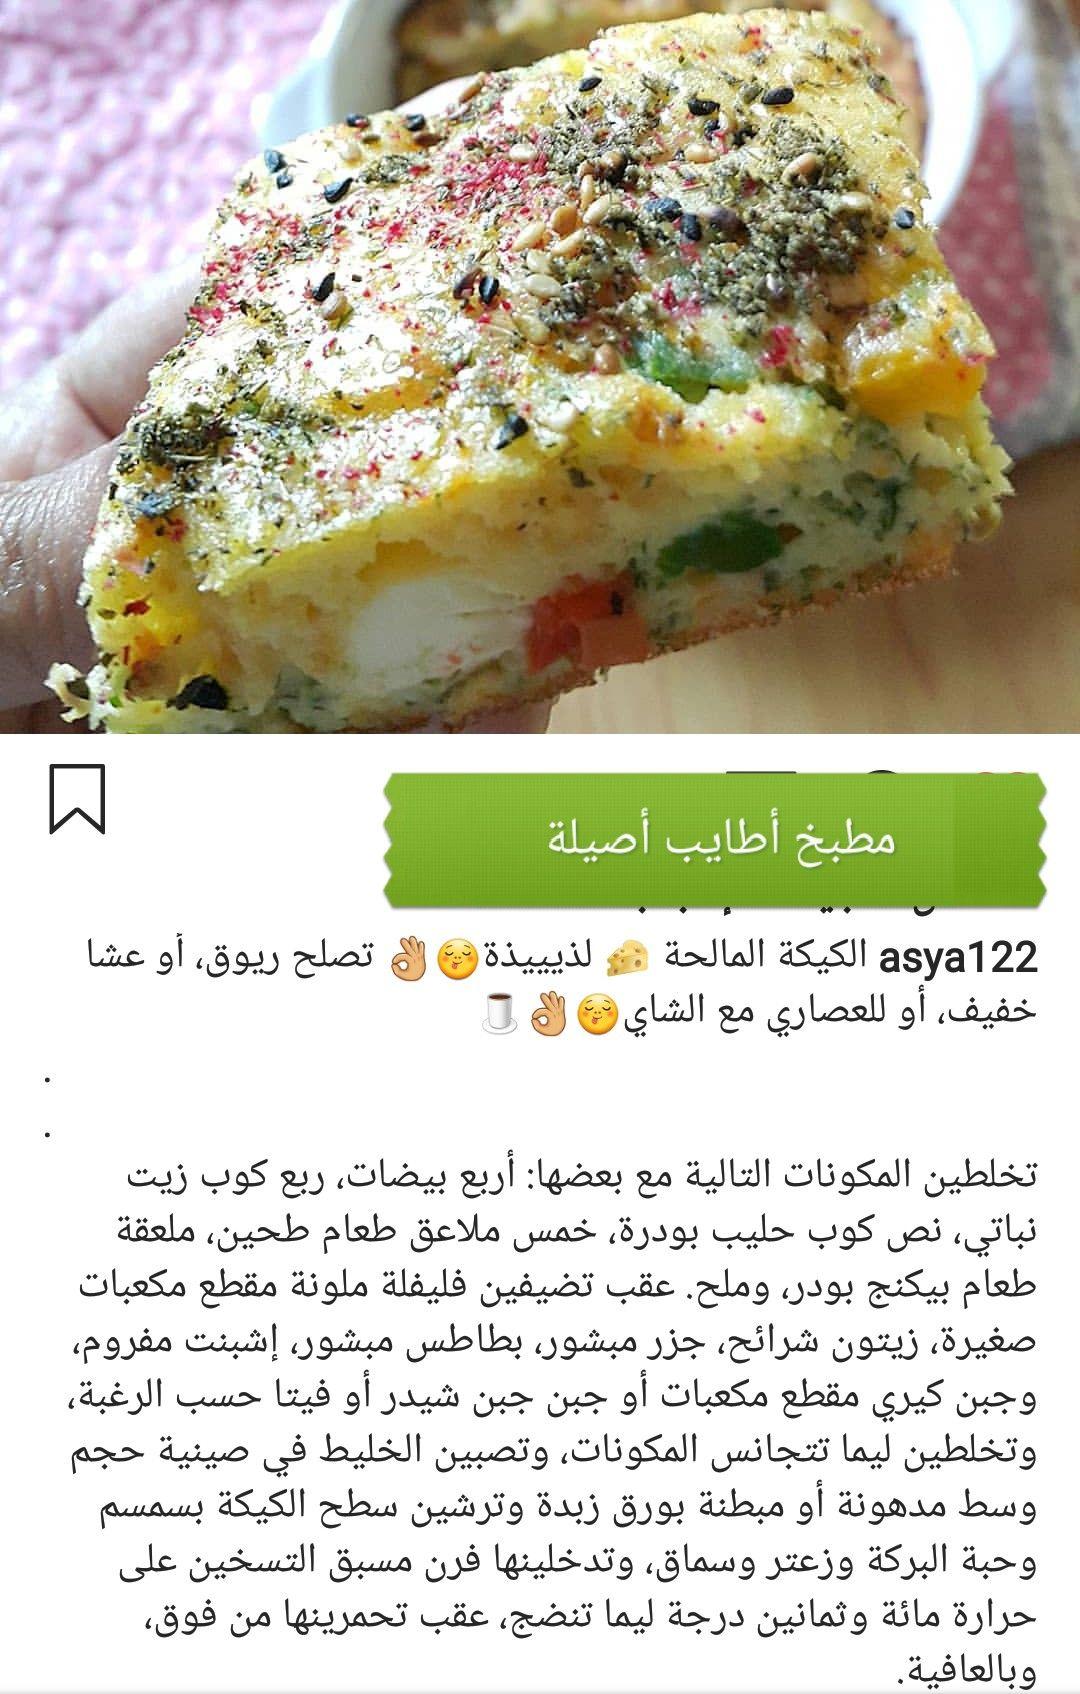 الكيكة المالحة Cooking Recipes Desserts Cooking Recipes Recipes